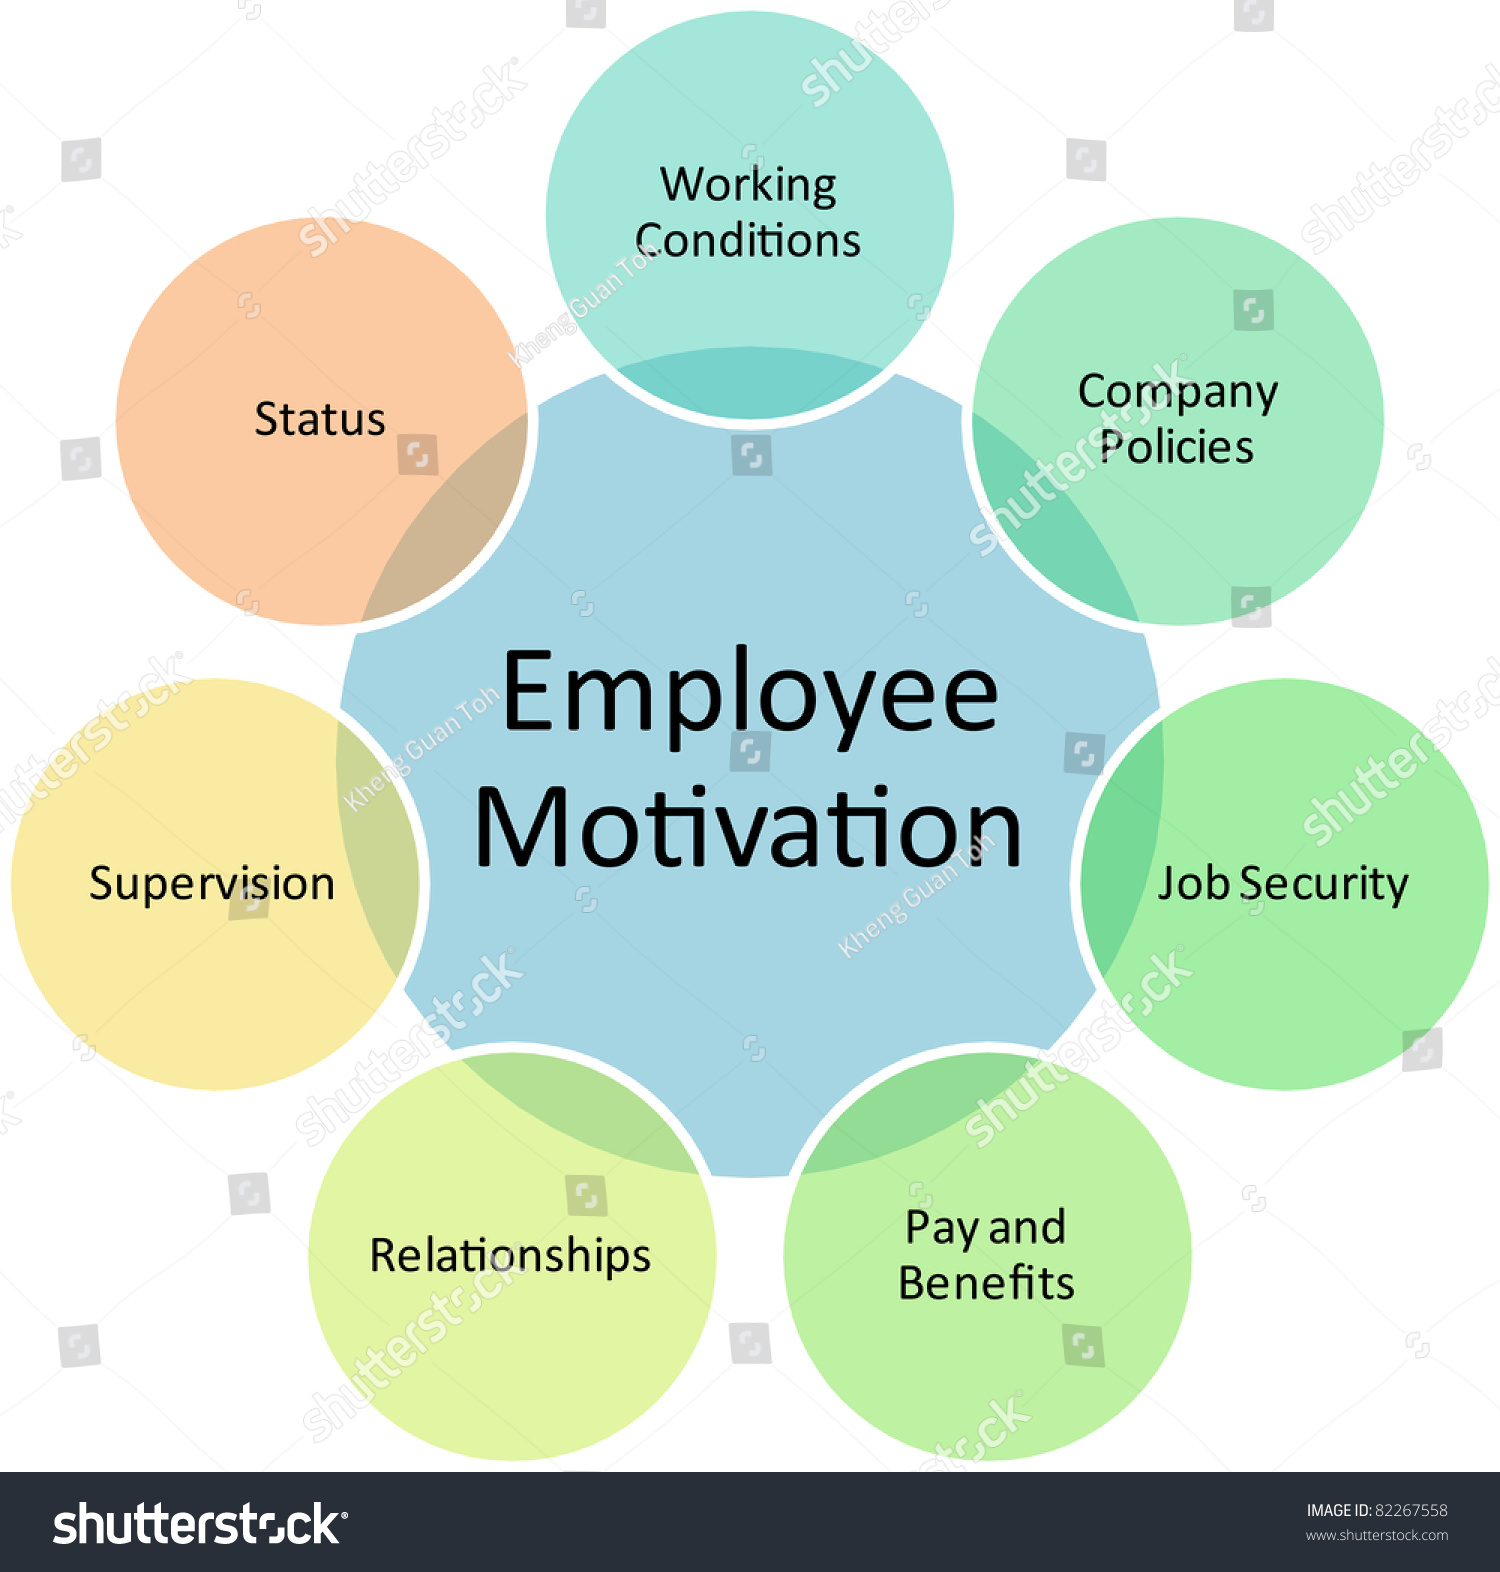 Employee motivation images